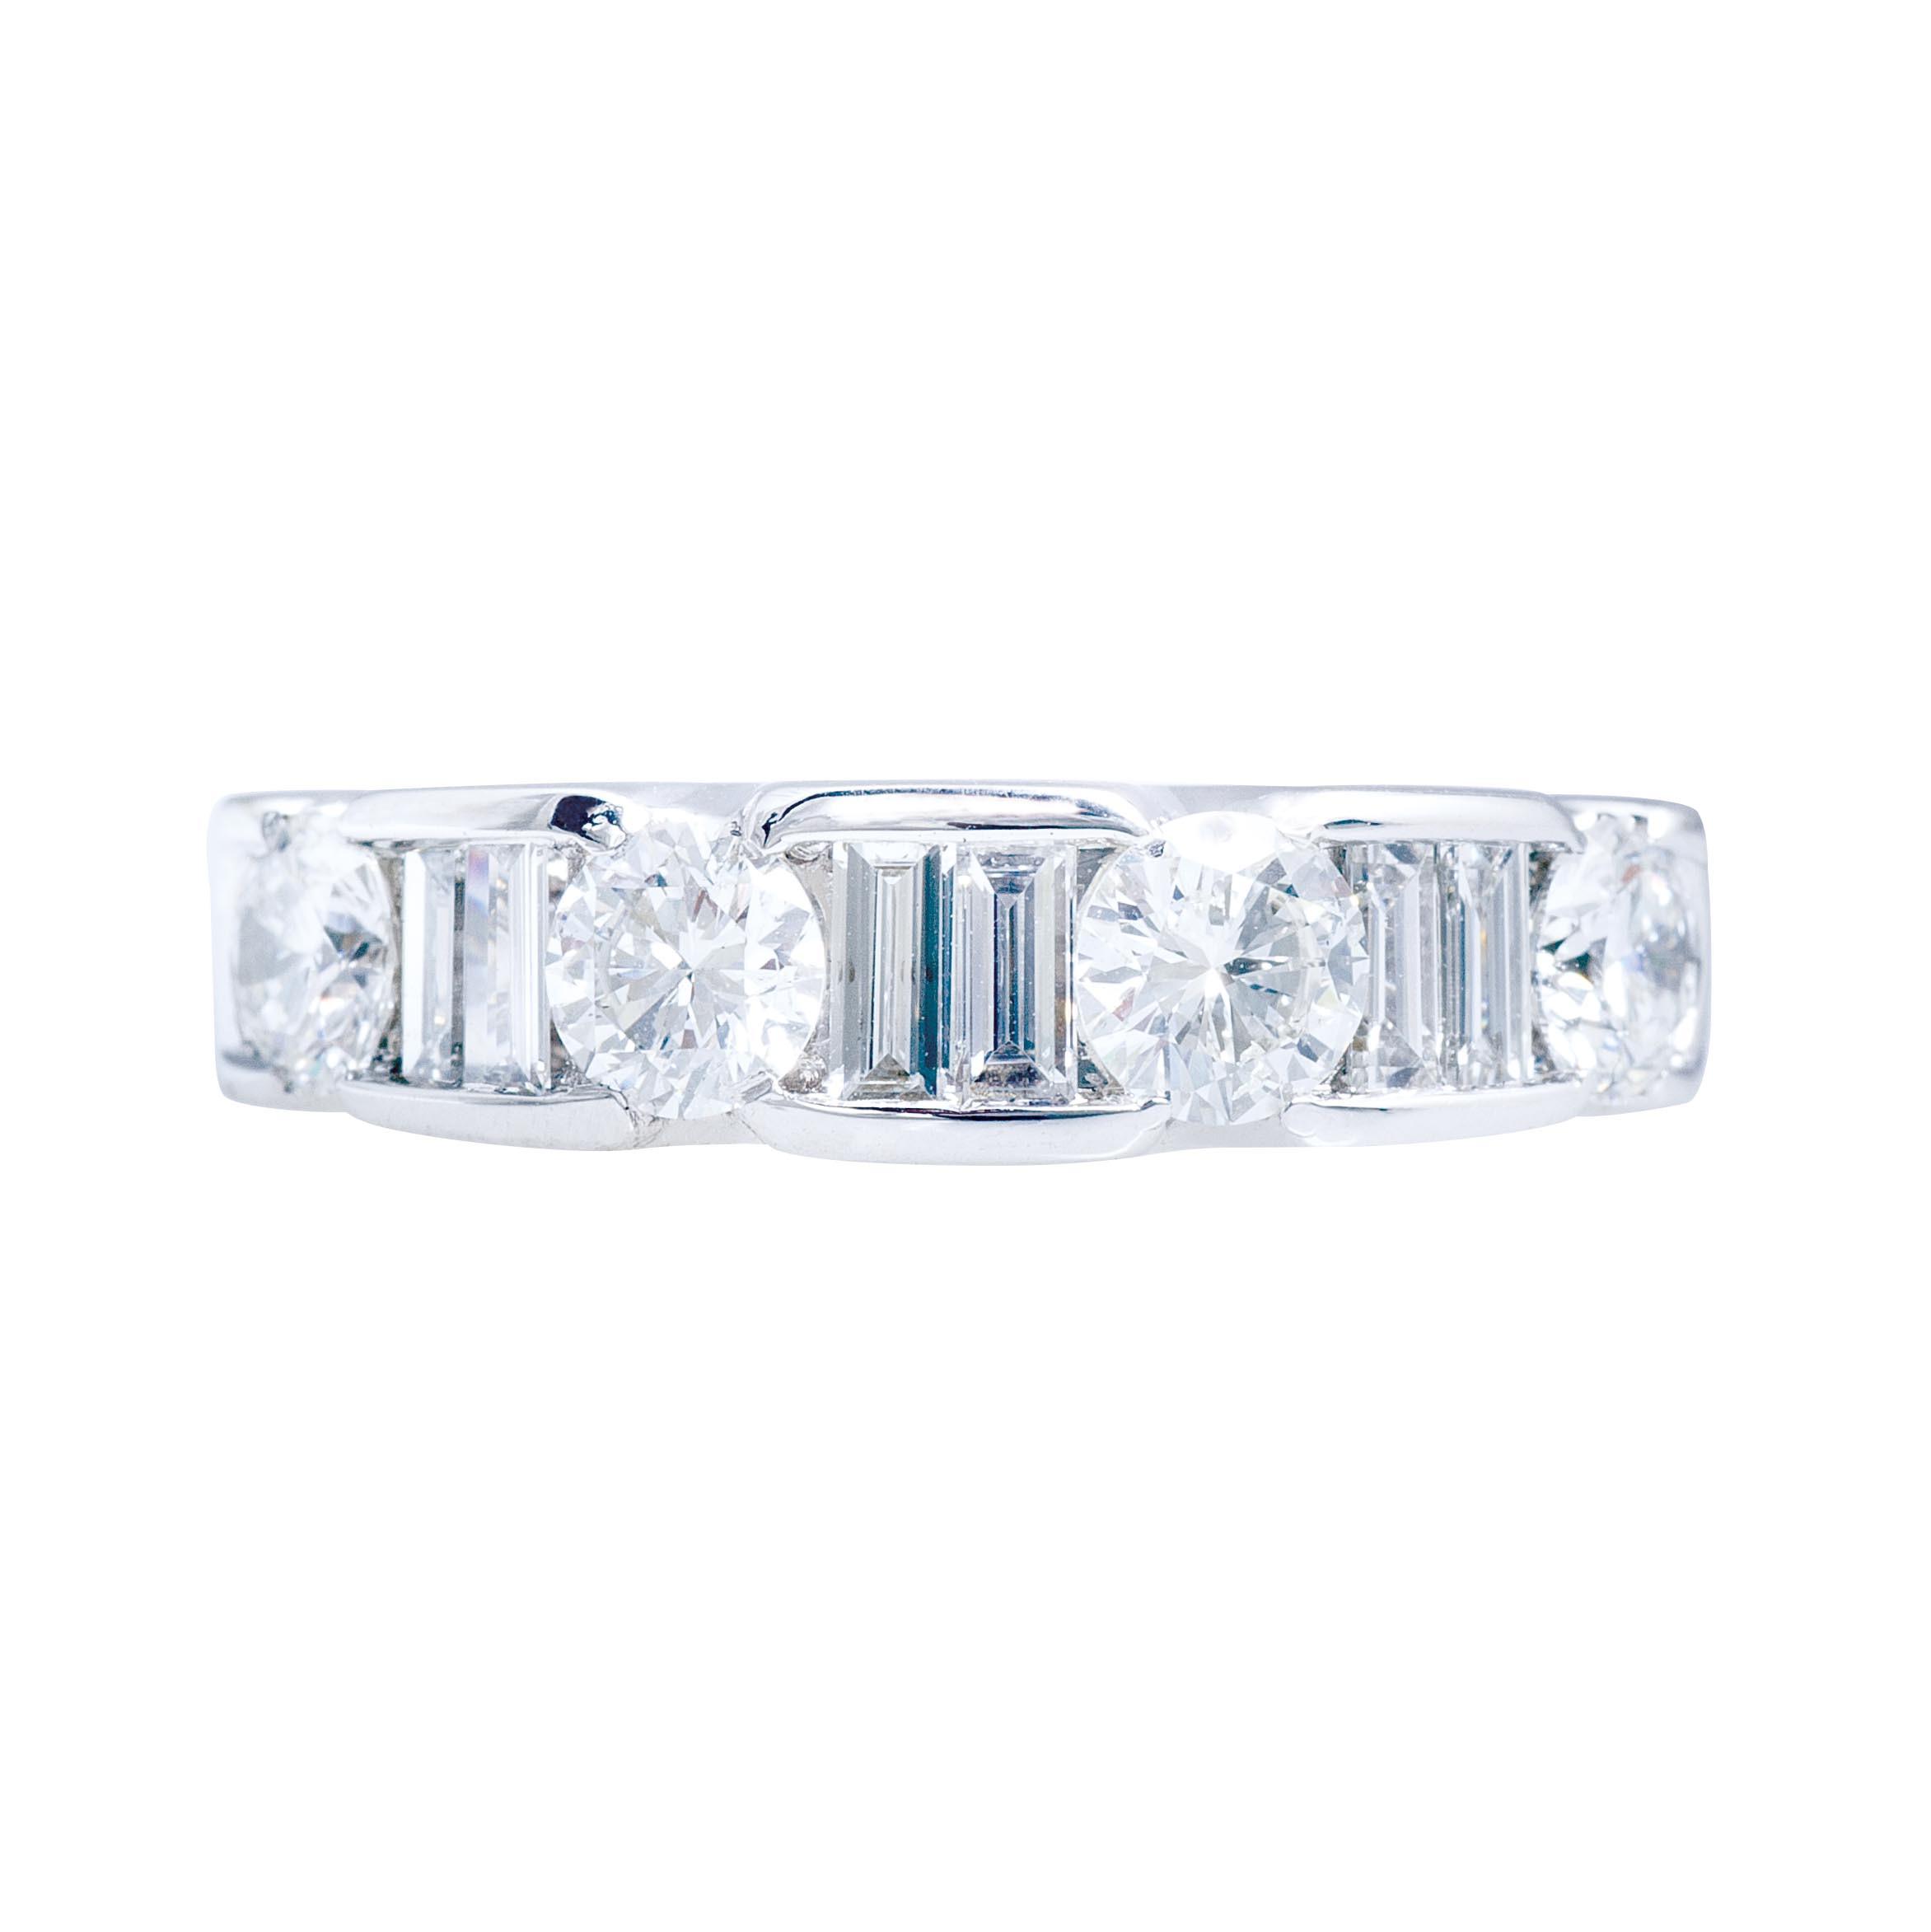 Vintage 1.38 CTW Round Brilliant & Baguette Cut Diamond Wedding Band